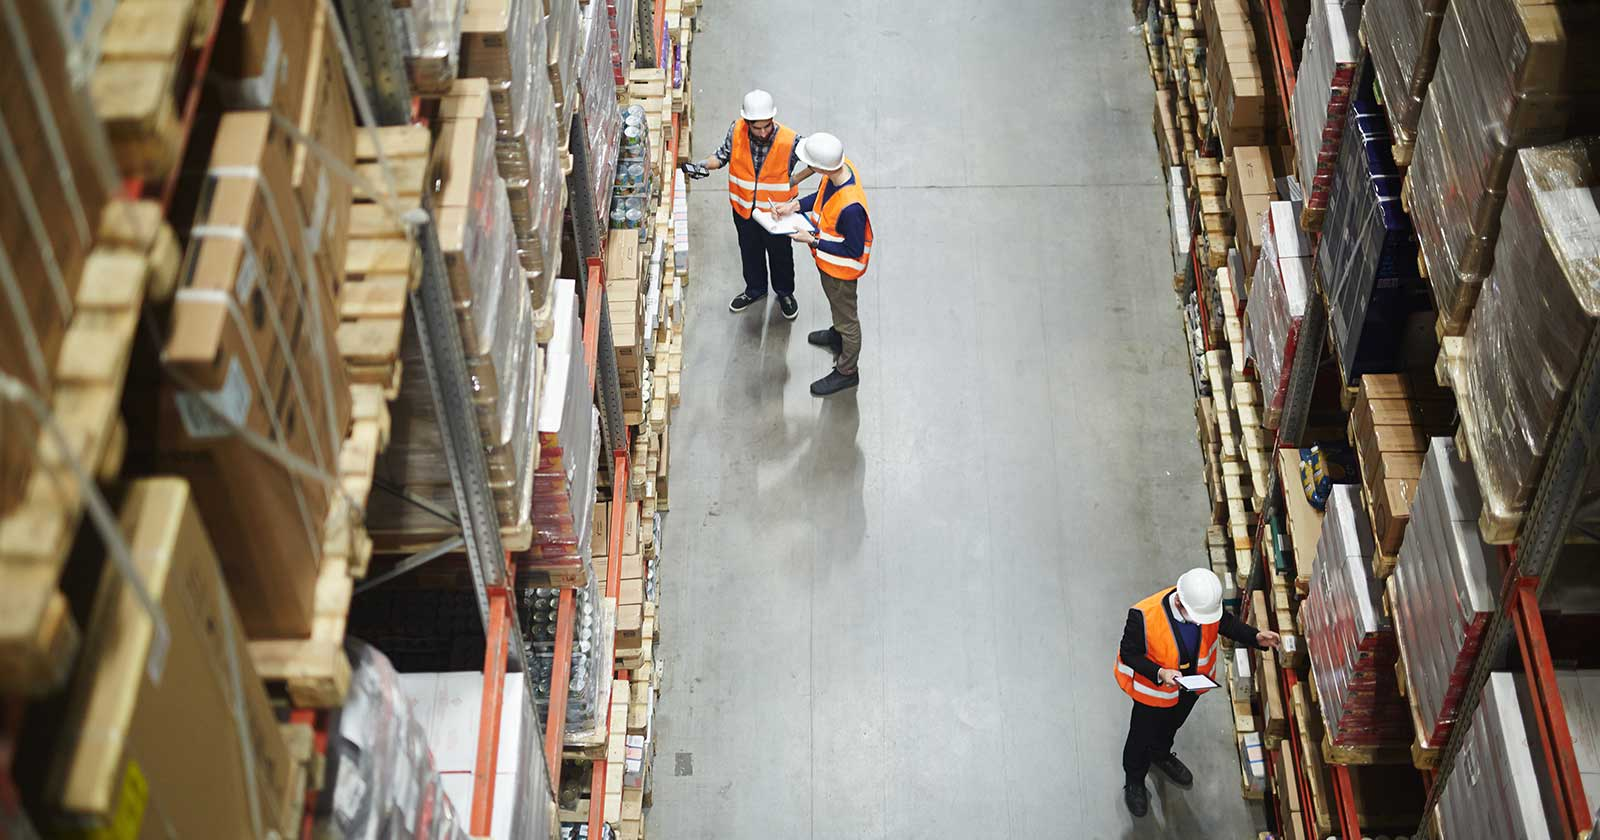 La industria logística será uno de los sectores que más crecerá en los próximos años